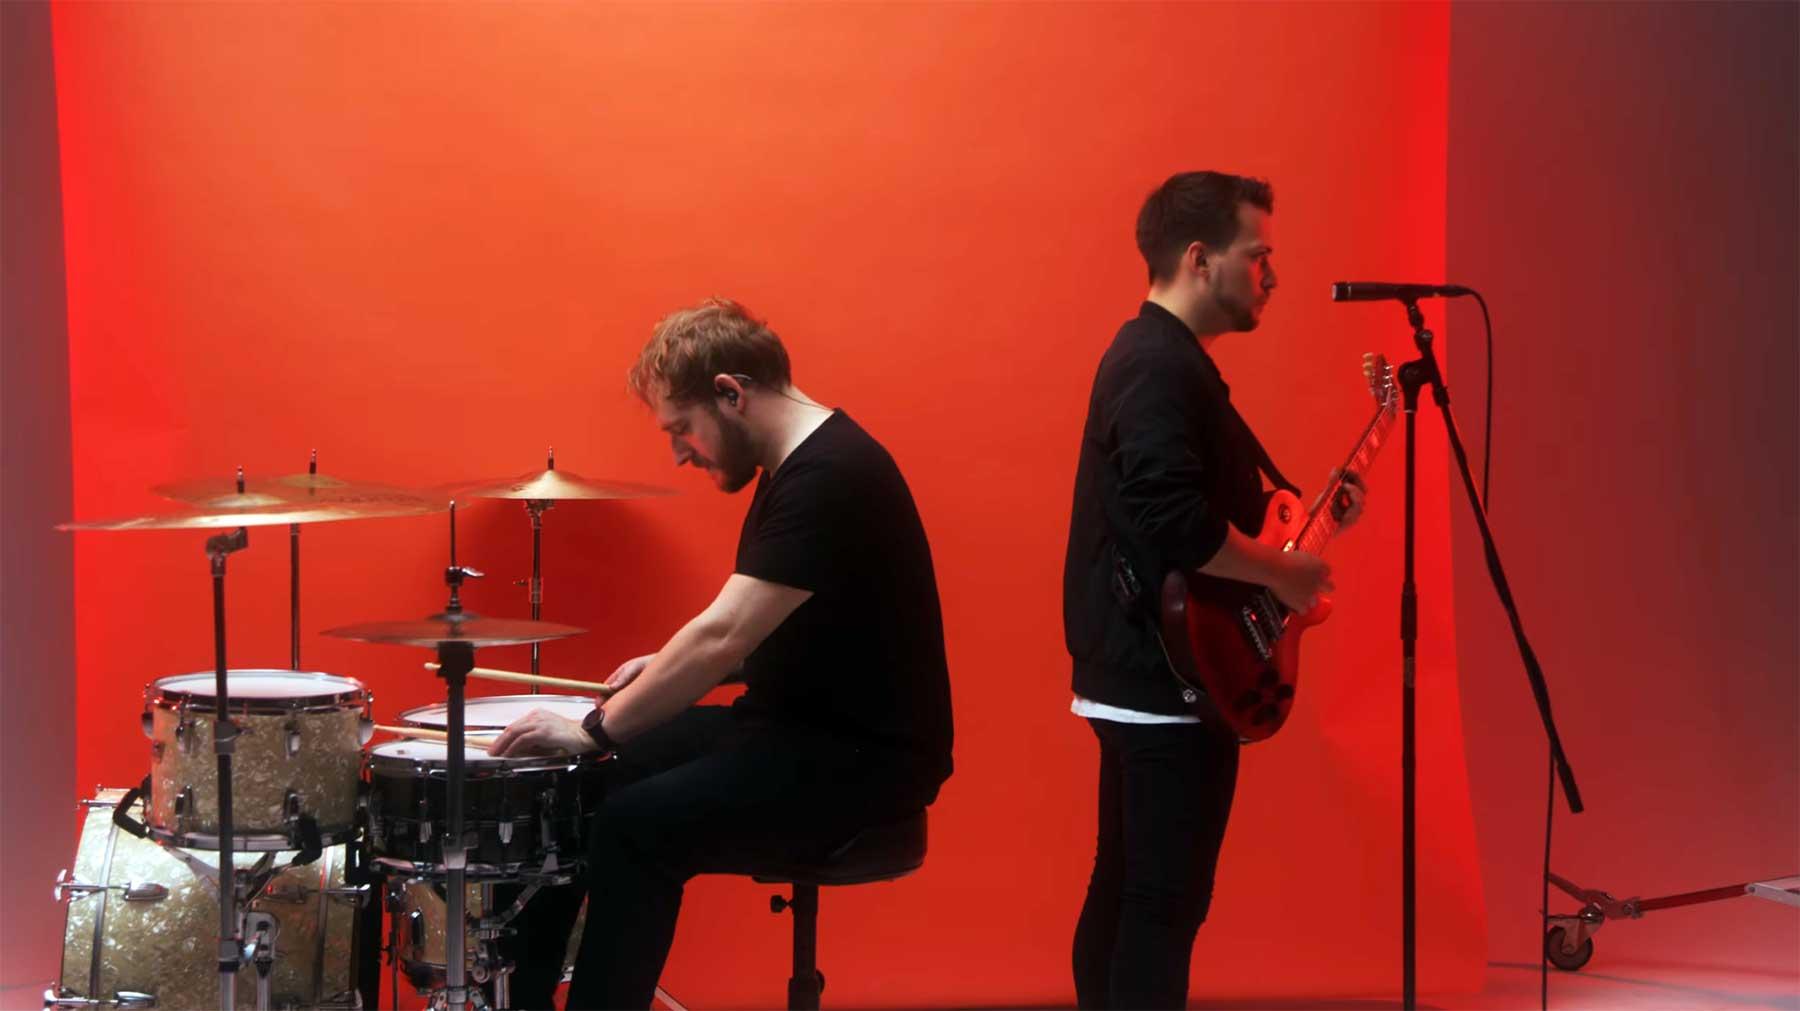 Musikvideo-Premiere: BETAMENSCH – Halt Mich